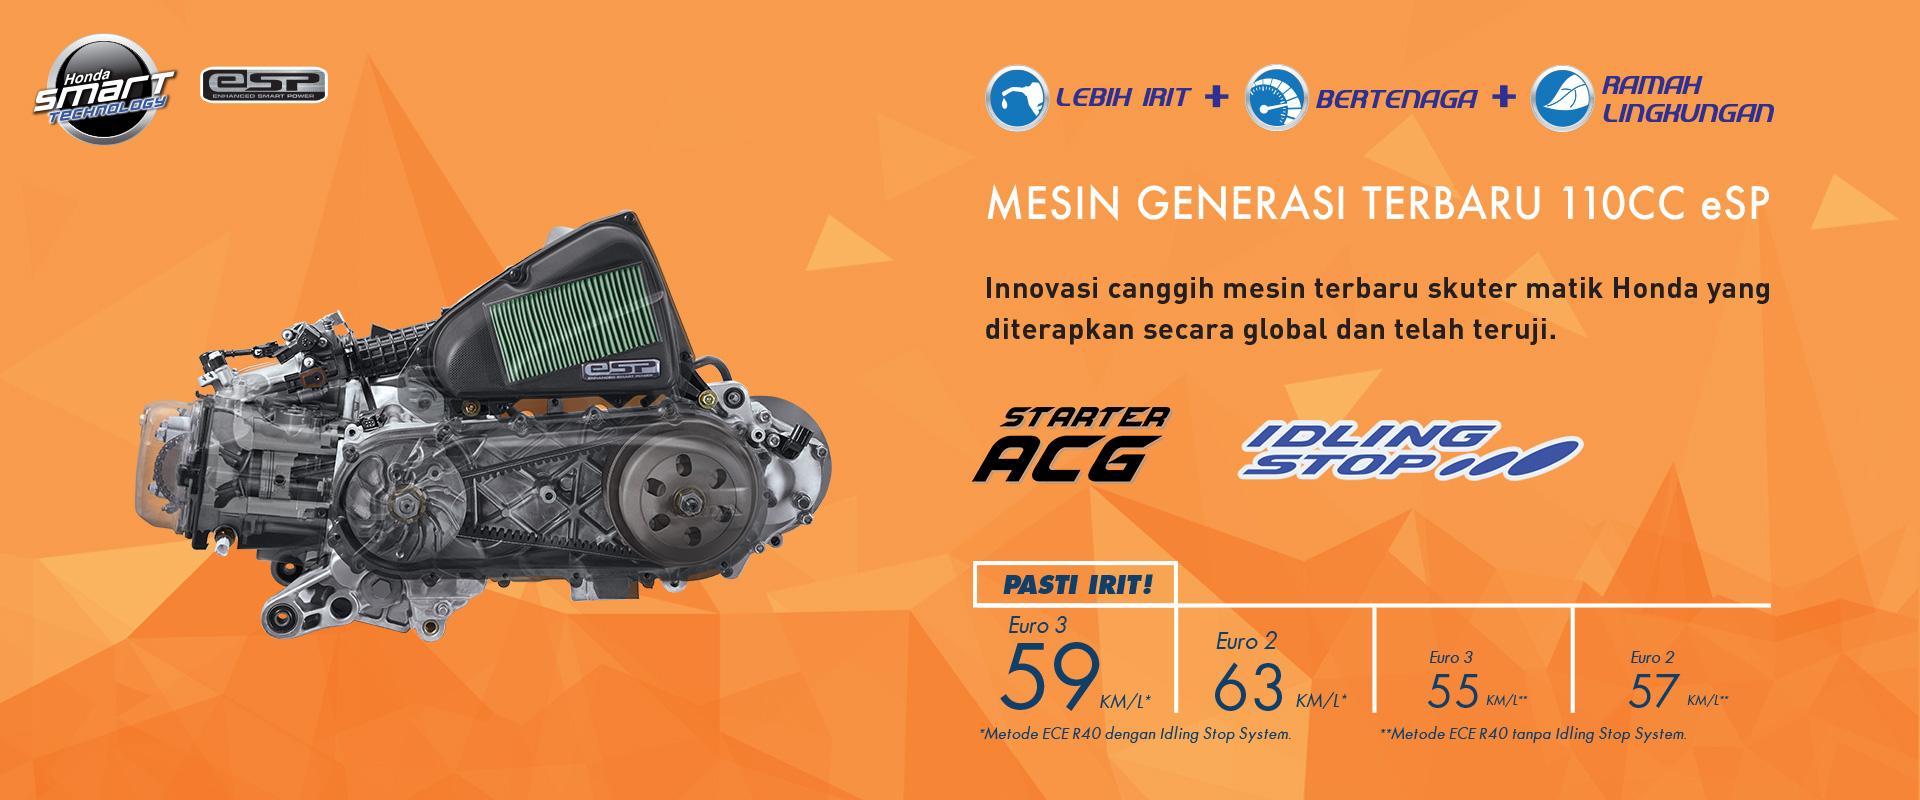 Harga Terbaru Honda Beat Sporty Esp Mutiara Motor New Cbs Iss 2017 Combi Brake System